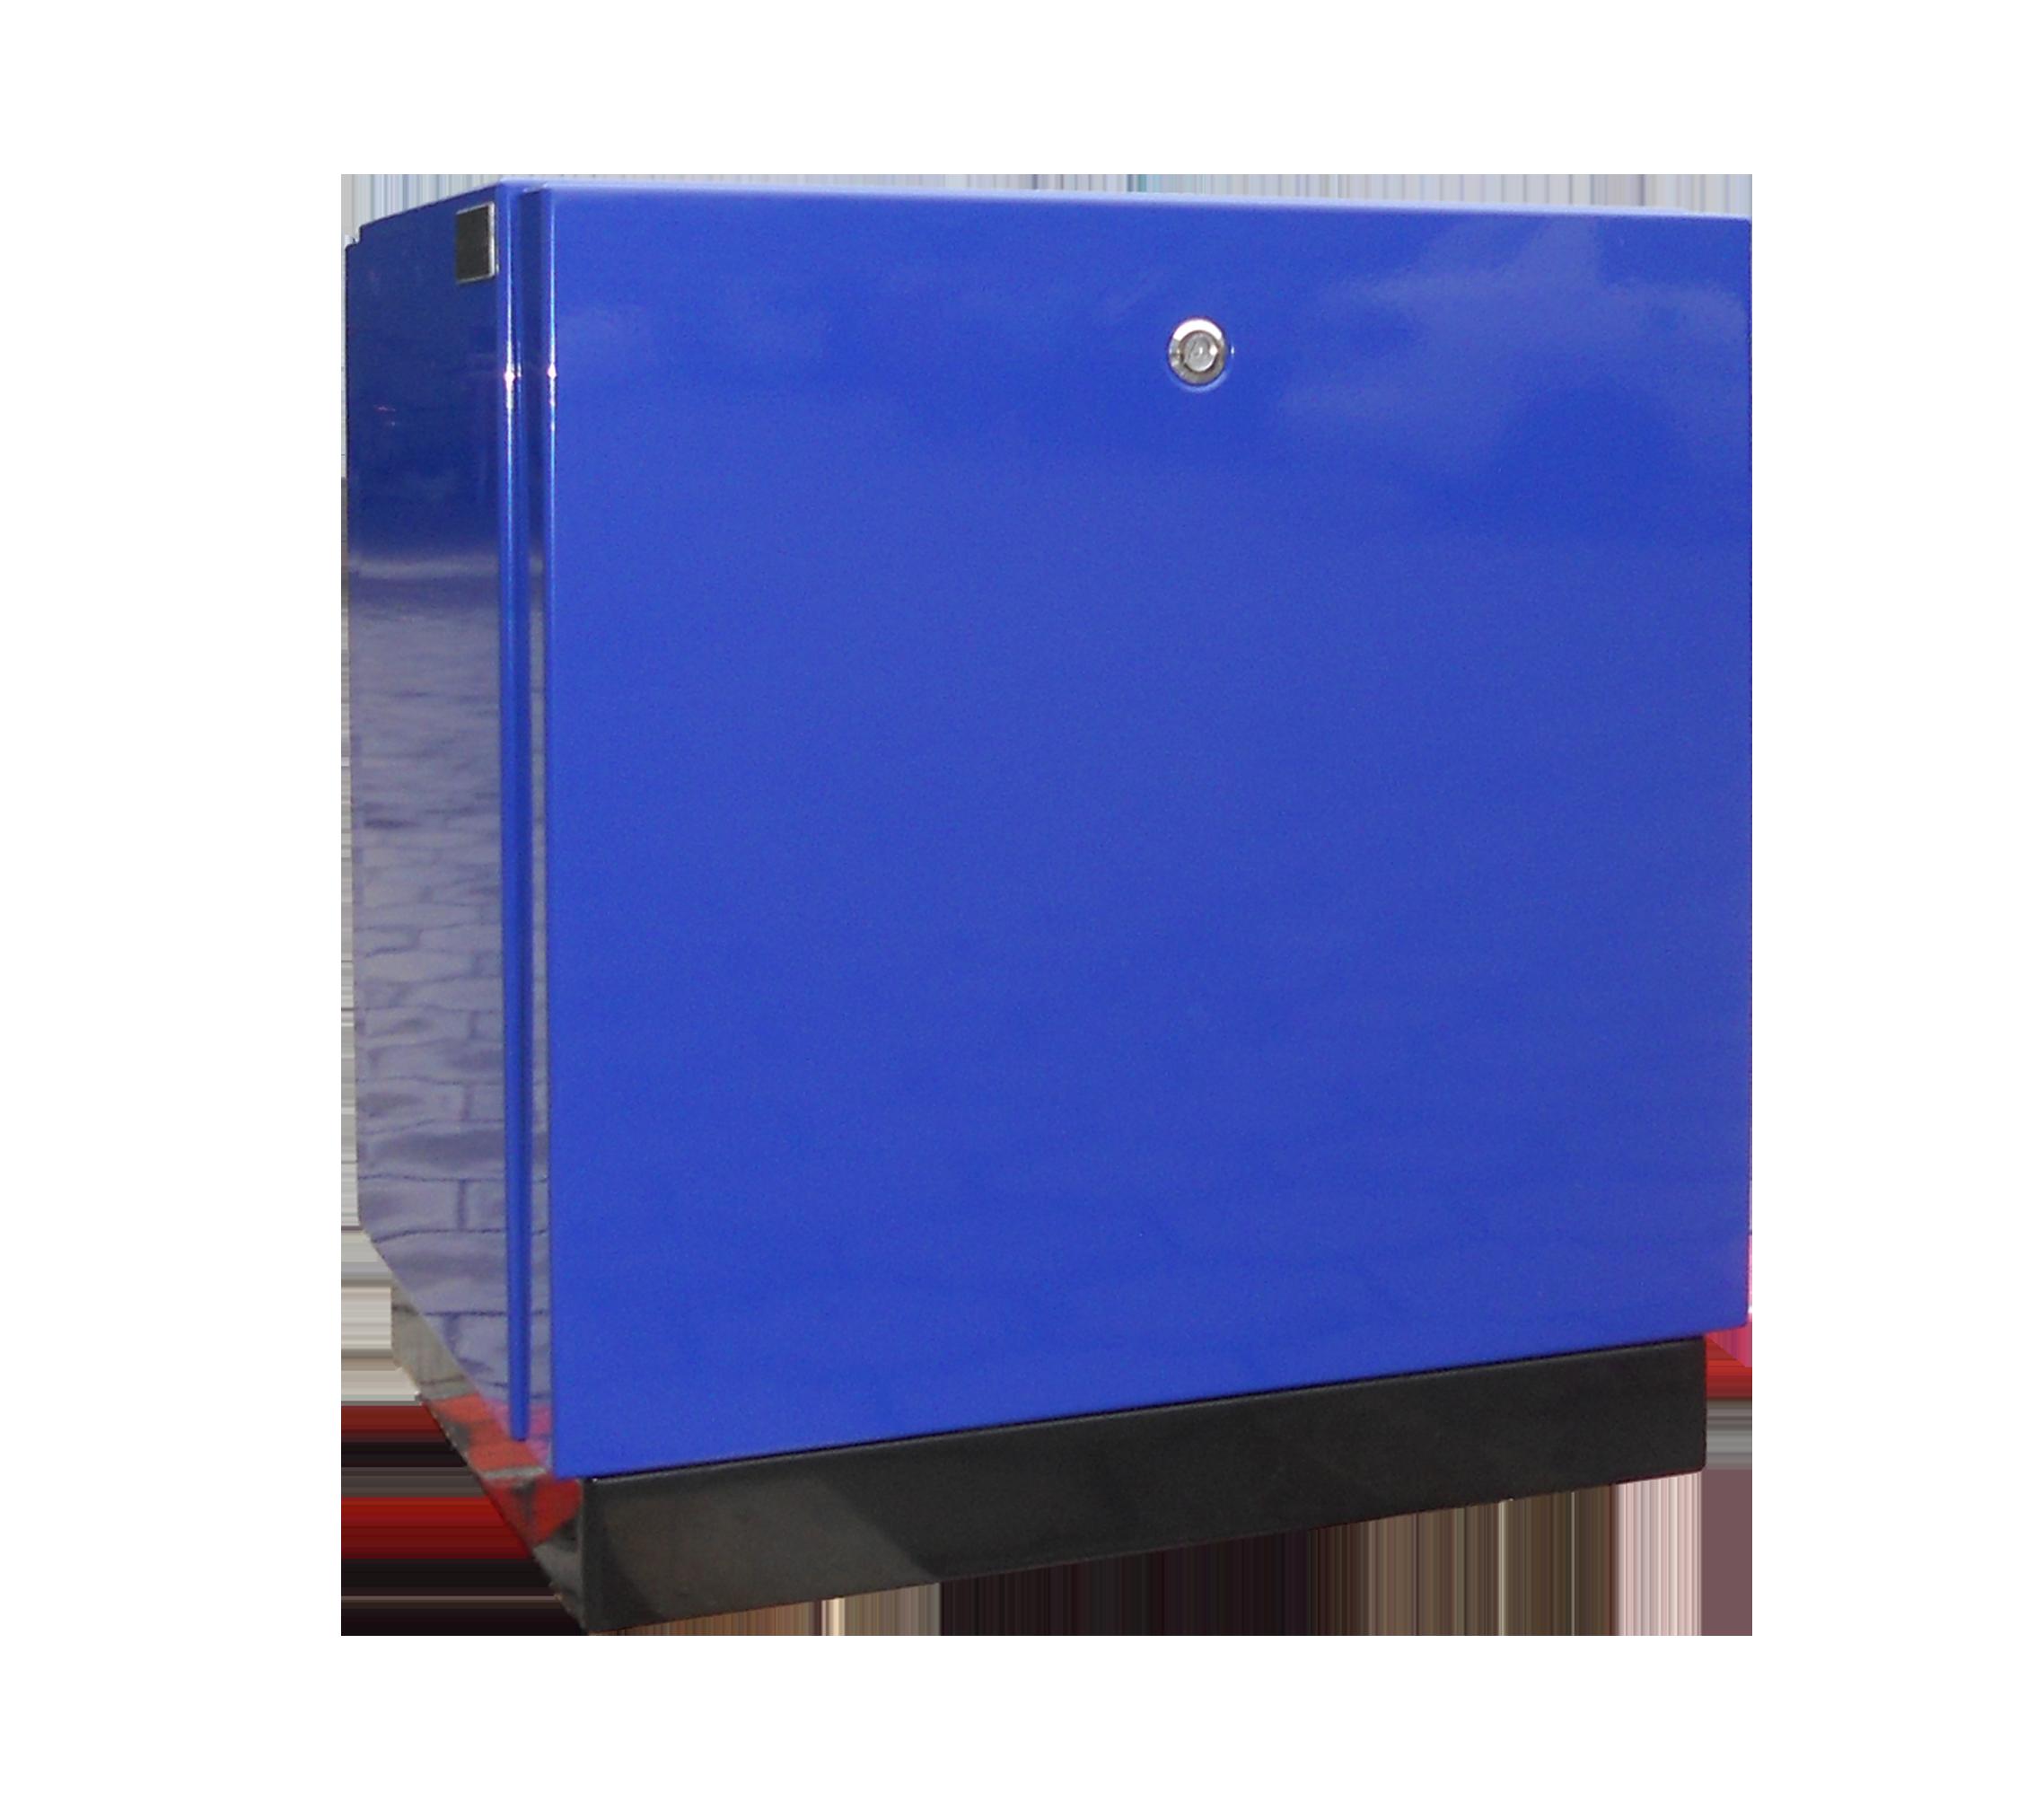 PBandSatellite - PB220V-A